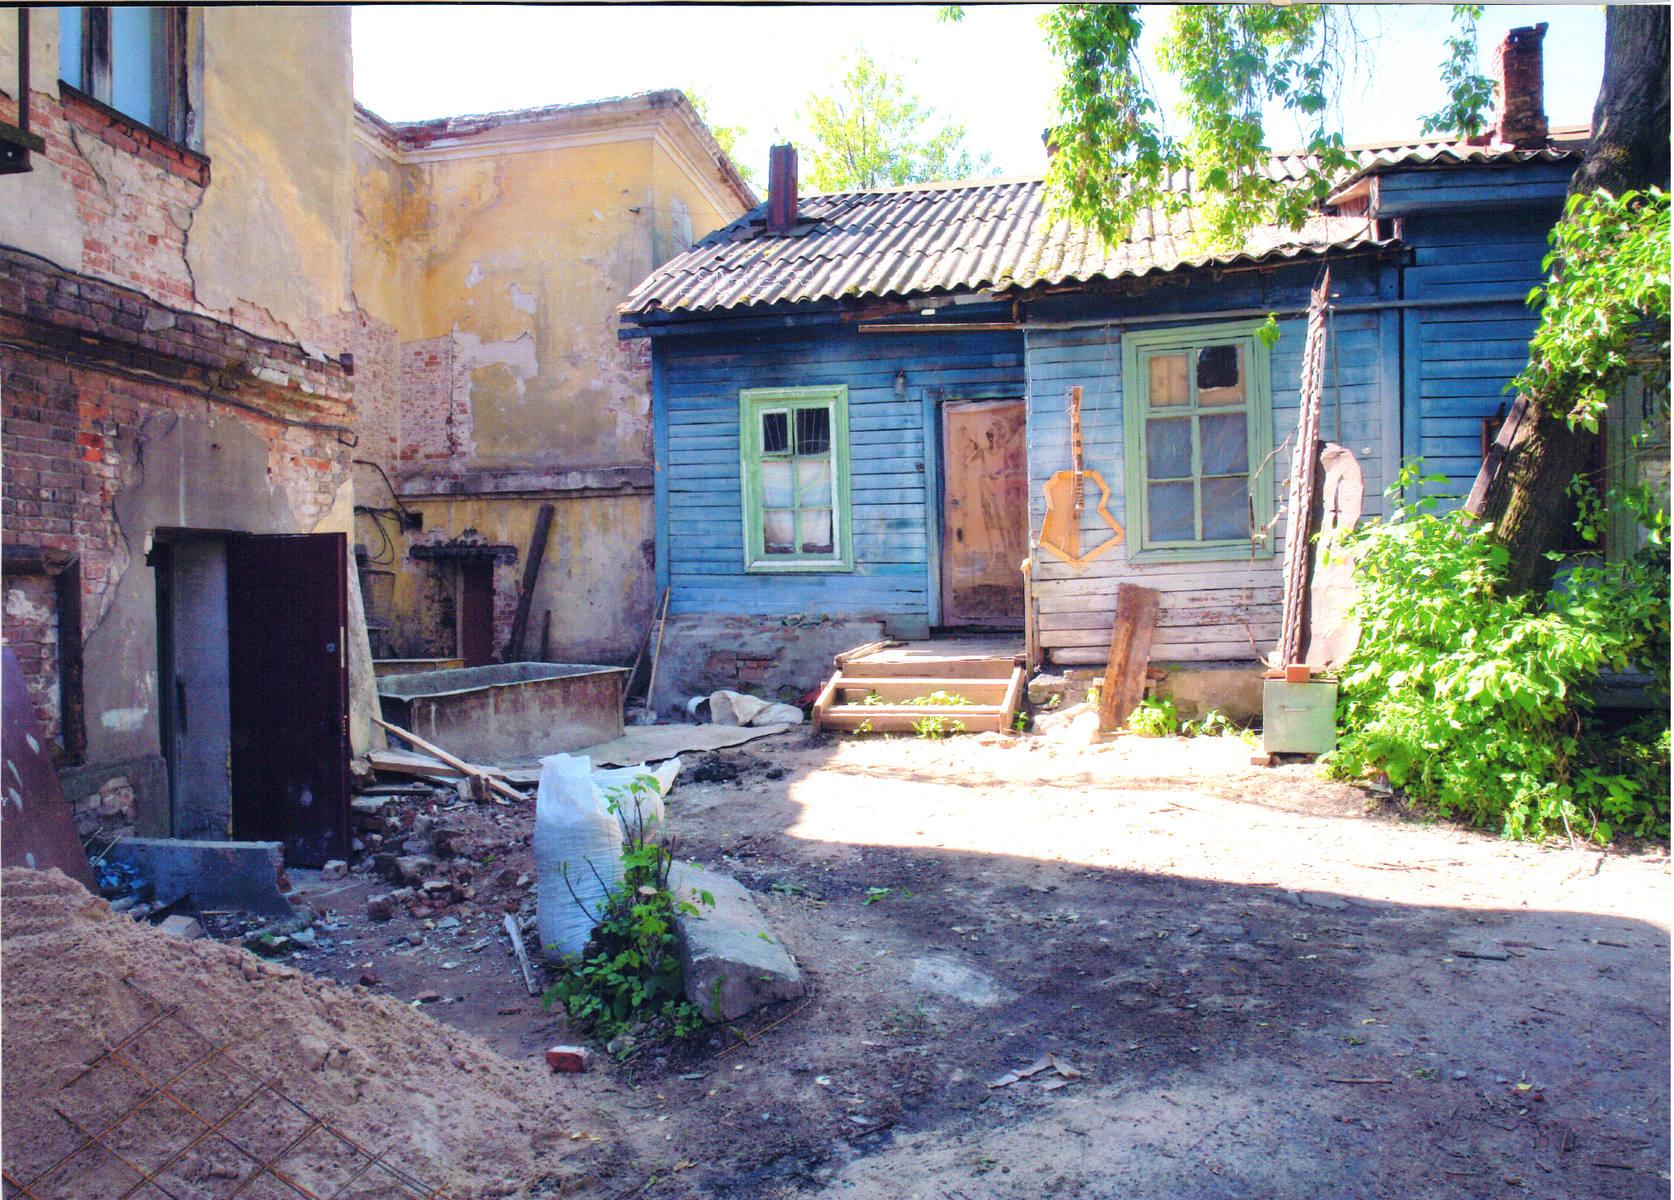 Вид дома со двора с соседним домом